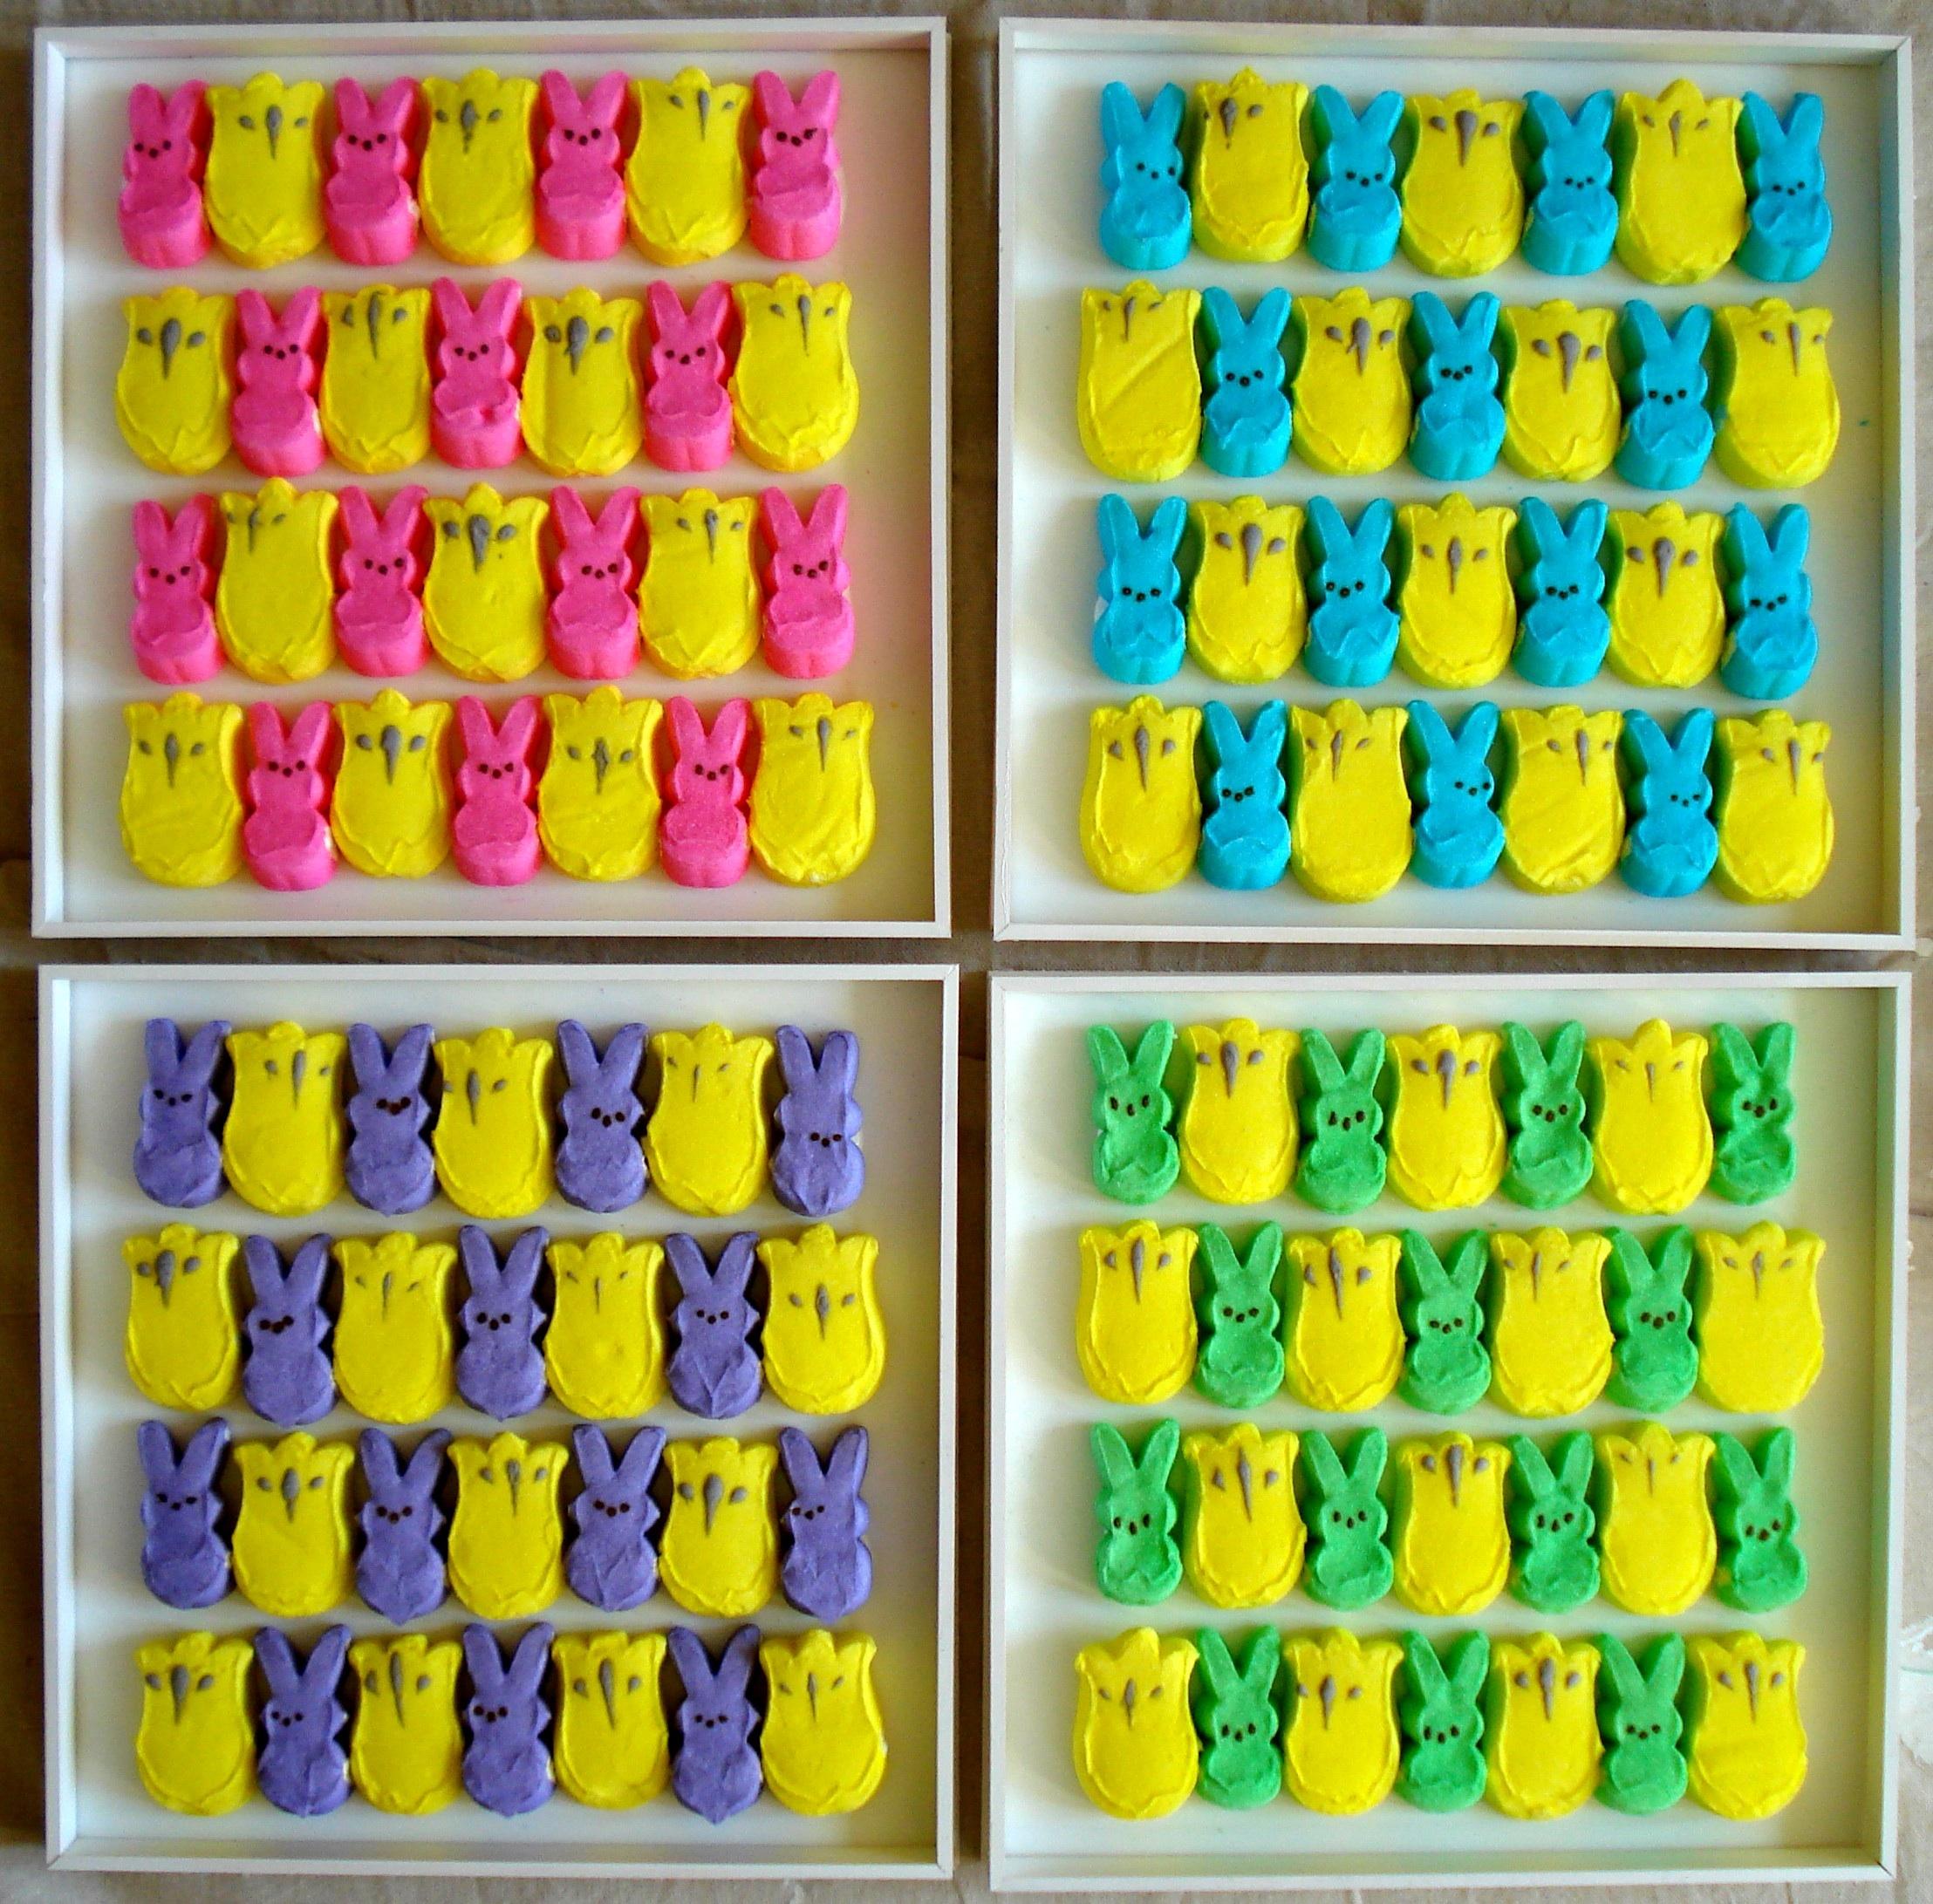 Компания пошла дальше и предлагает не только сладости, но и различные сопутствующие товары: игрушки, брелоки...